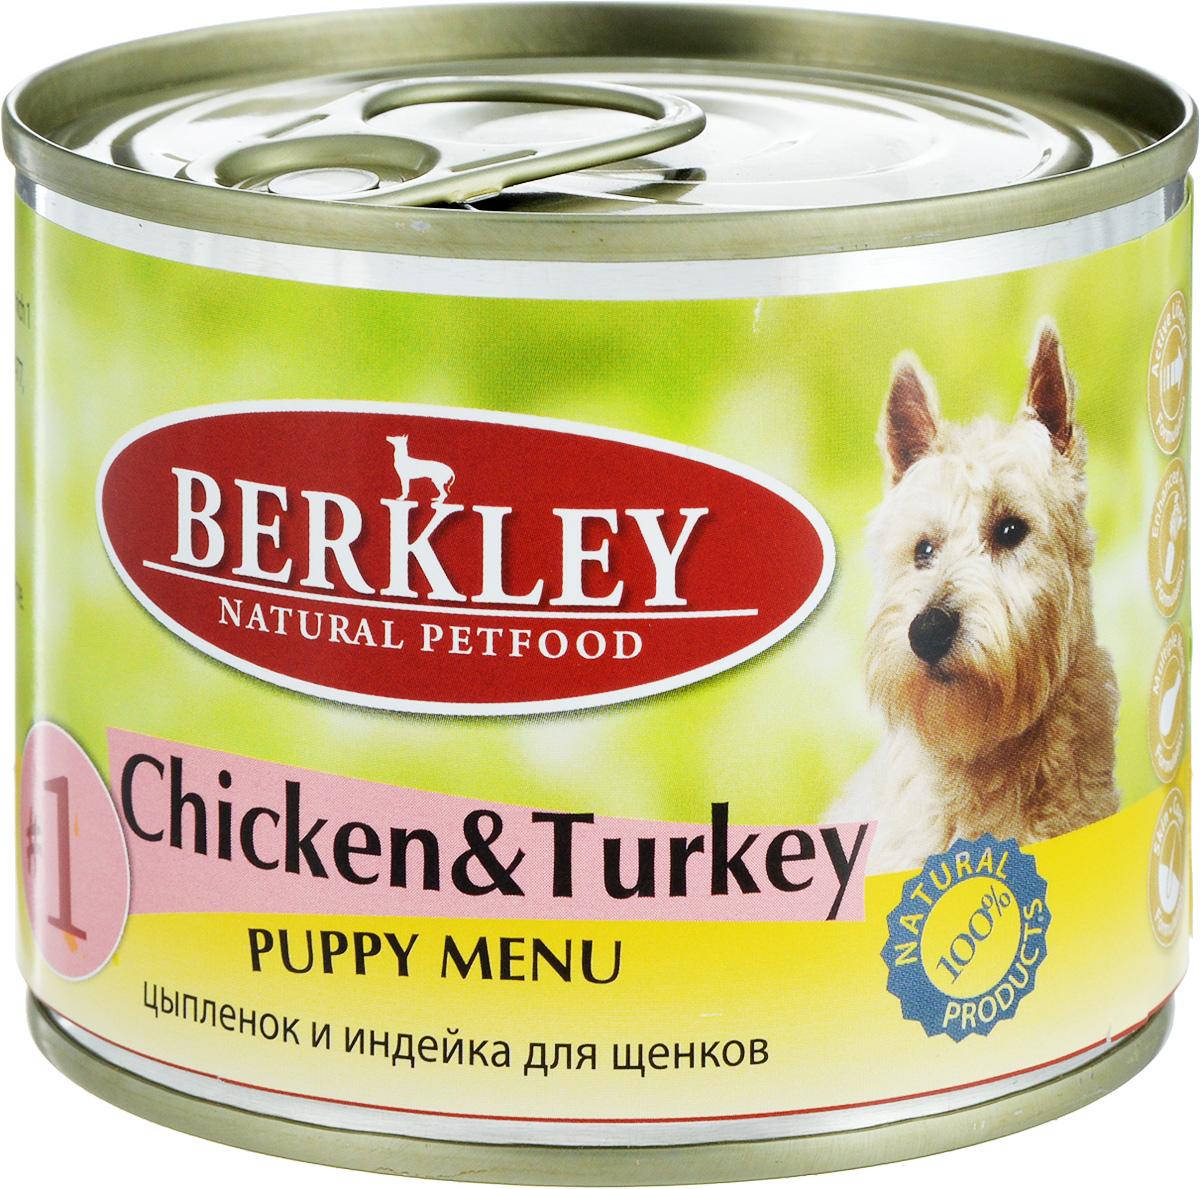 Консервы Berkley Puppy Menu, для щенков, цыпленок с индейкой, 200 г57472/75000Консервы Berkley Puppy Menu - полноценное консервированное питание для щенков. Не содержат сои, консервантов, искусственных красителей и ароматизаторов. Корм полностью удовлетворяет ежедневные энергетические потребности животного и обеспечивает оптимальное функционирование пищеварительной системы.Товар сертифицирован.